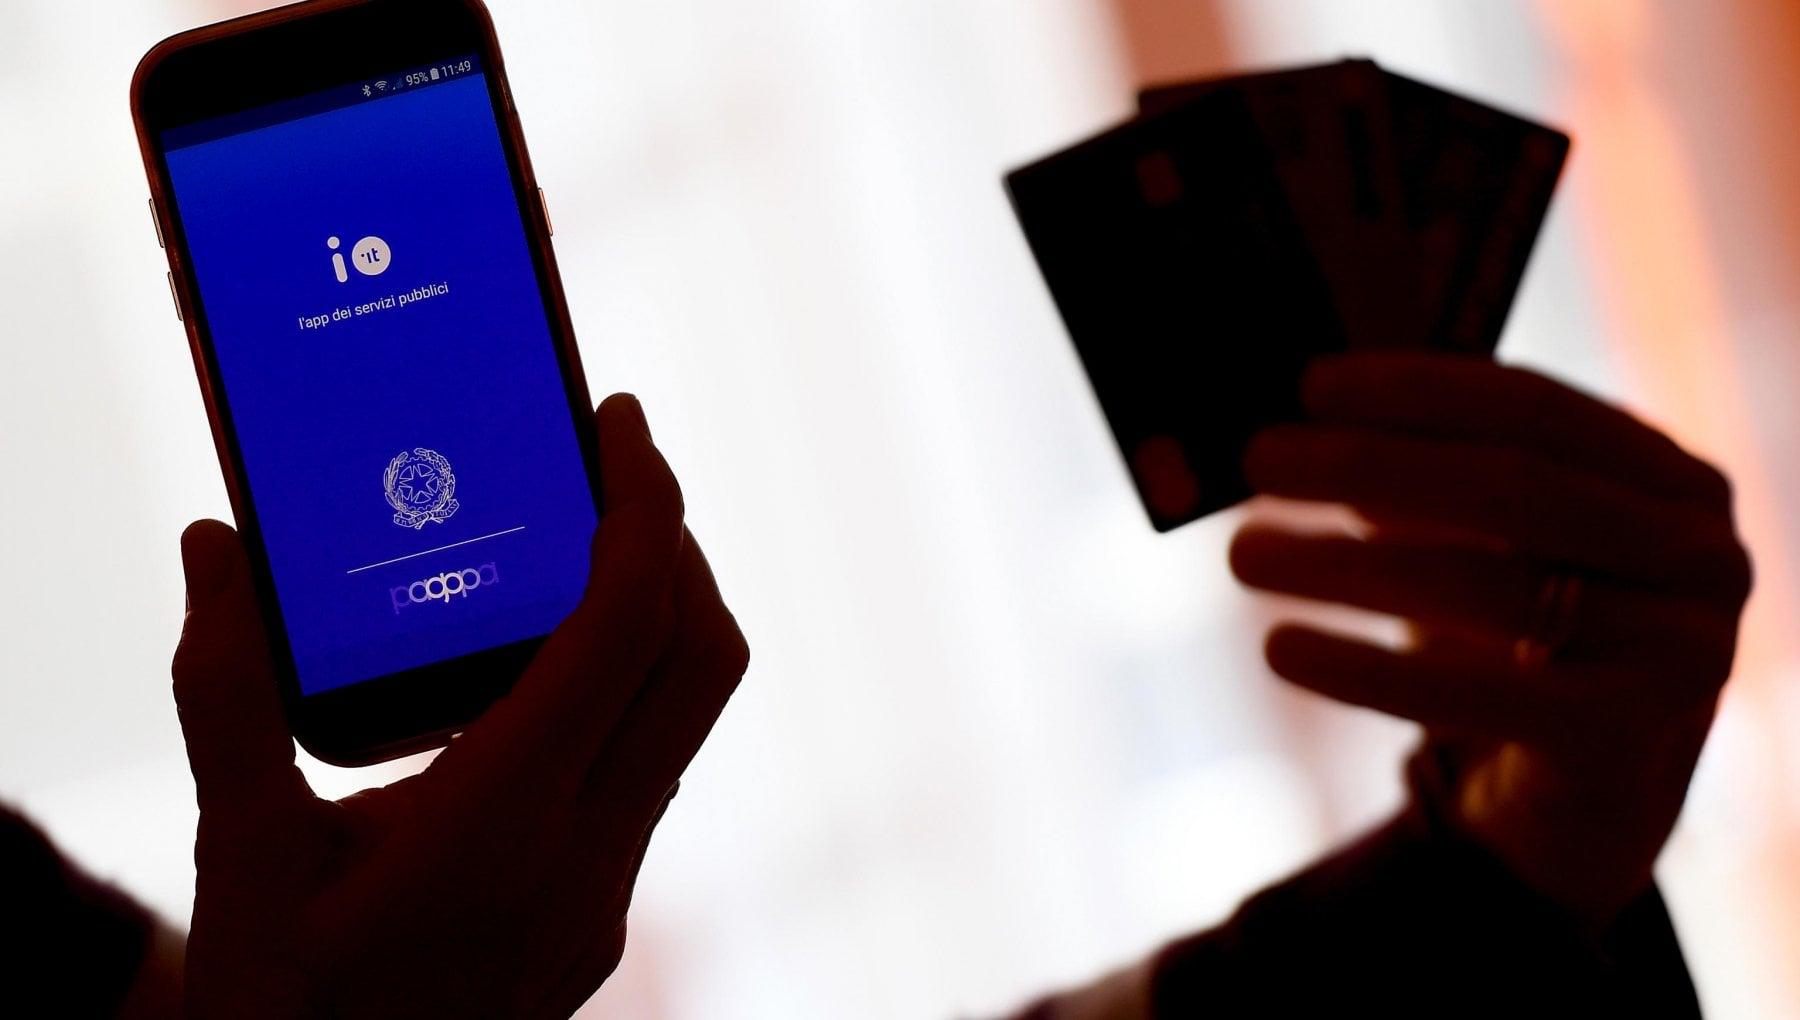 Cashback e il caso dei pagamenti non conteggiati cosi gli utenti rischiano di perdere i rimborsi